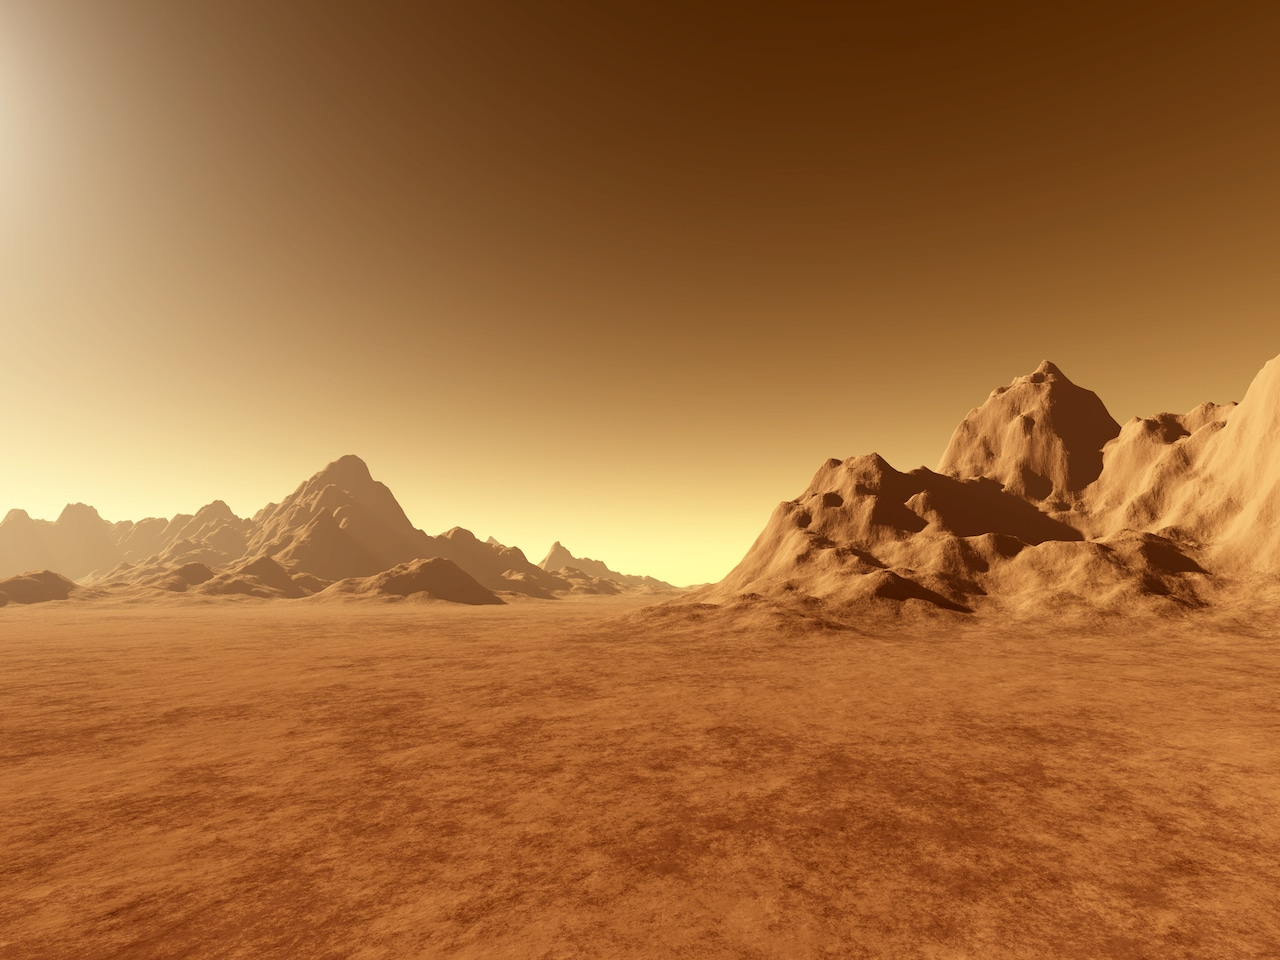 La Cina su Marte: i primi video del rover cinese Zhurong thumbnail